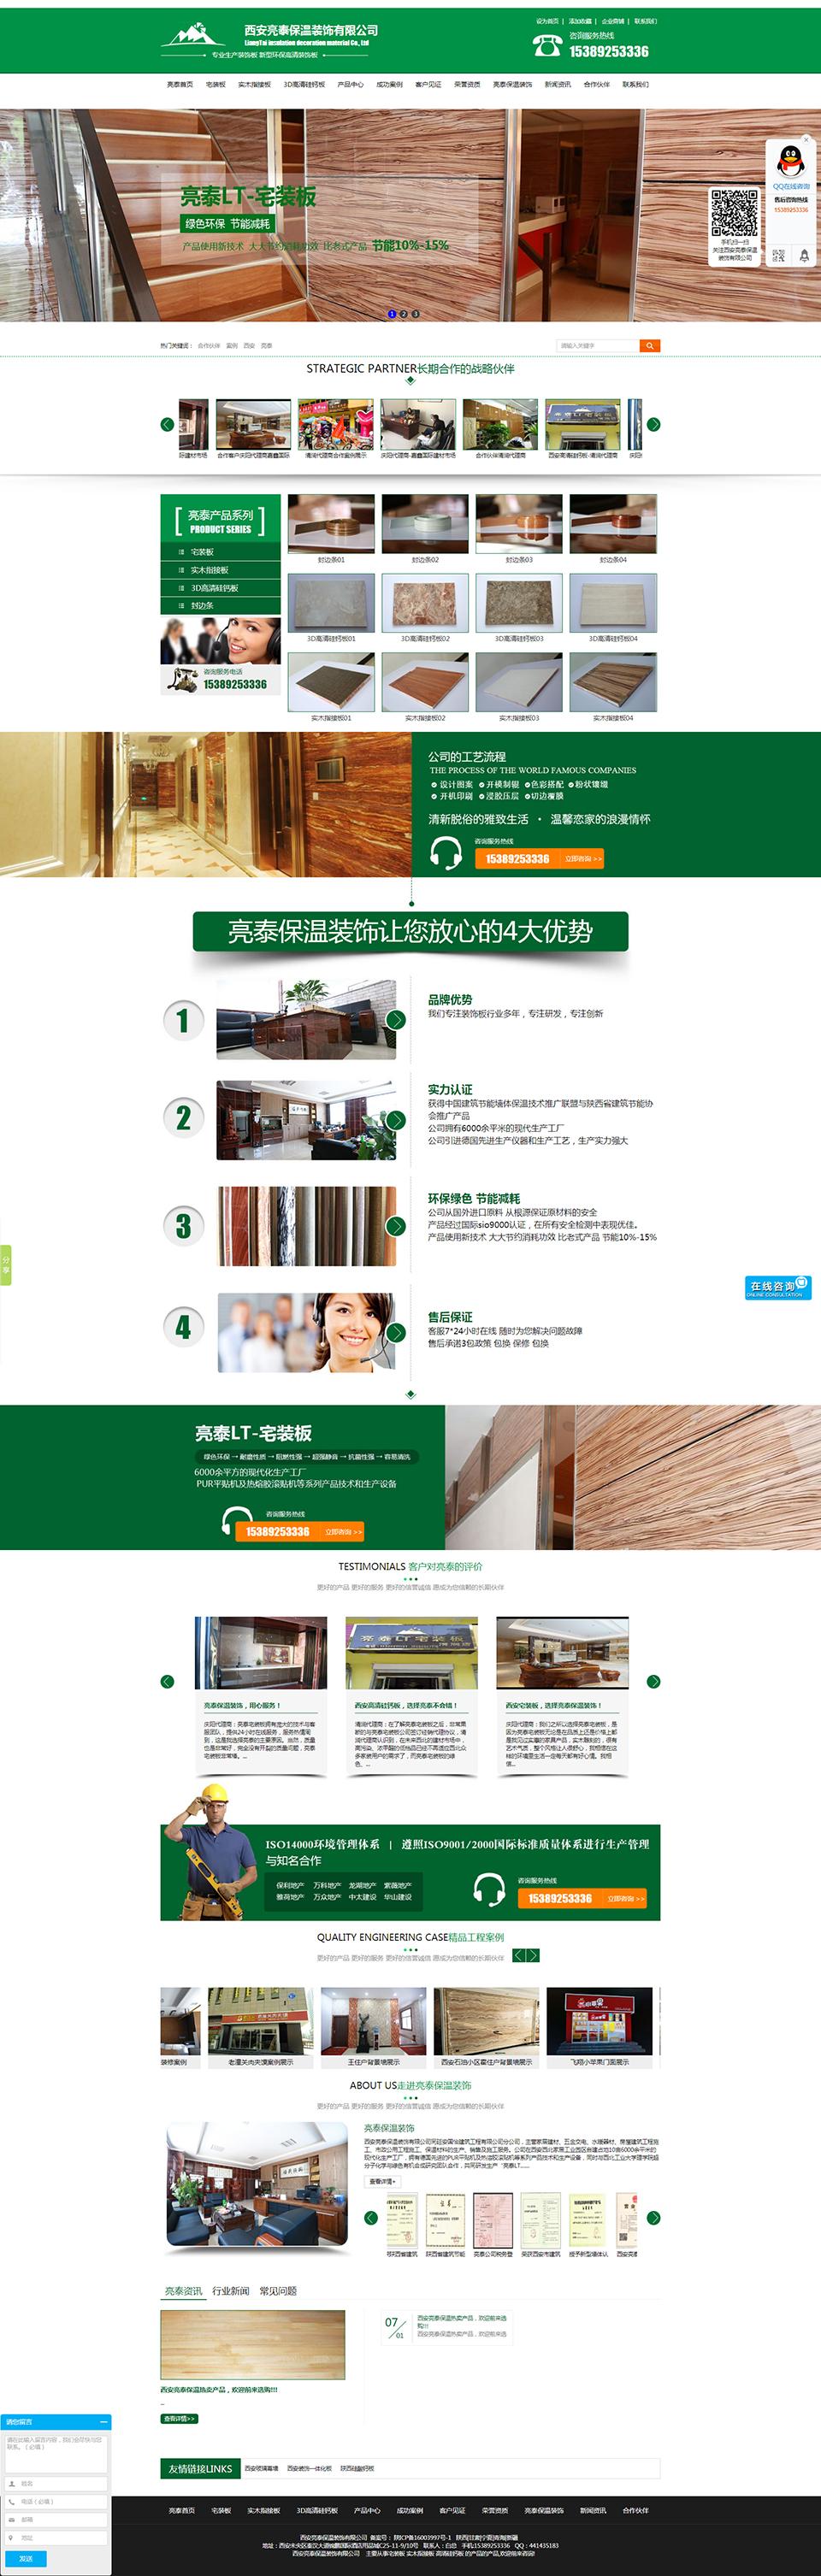 西安宅装板,西安实木指接板,西安高清硅钙板-西安亮泰保温装饰有限公司.jpg